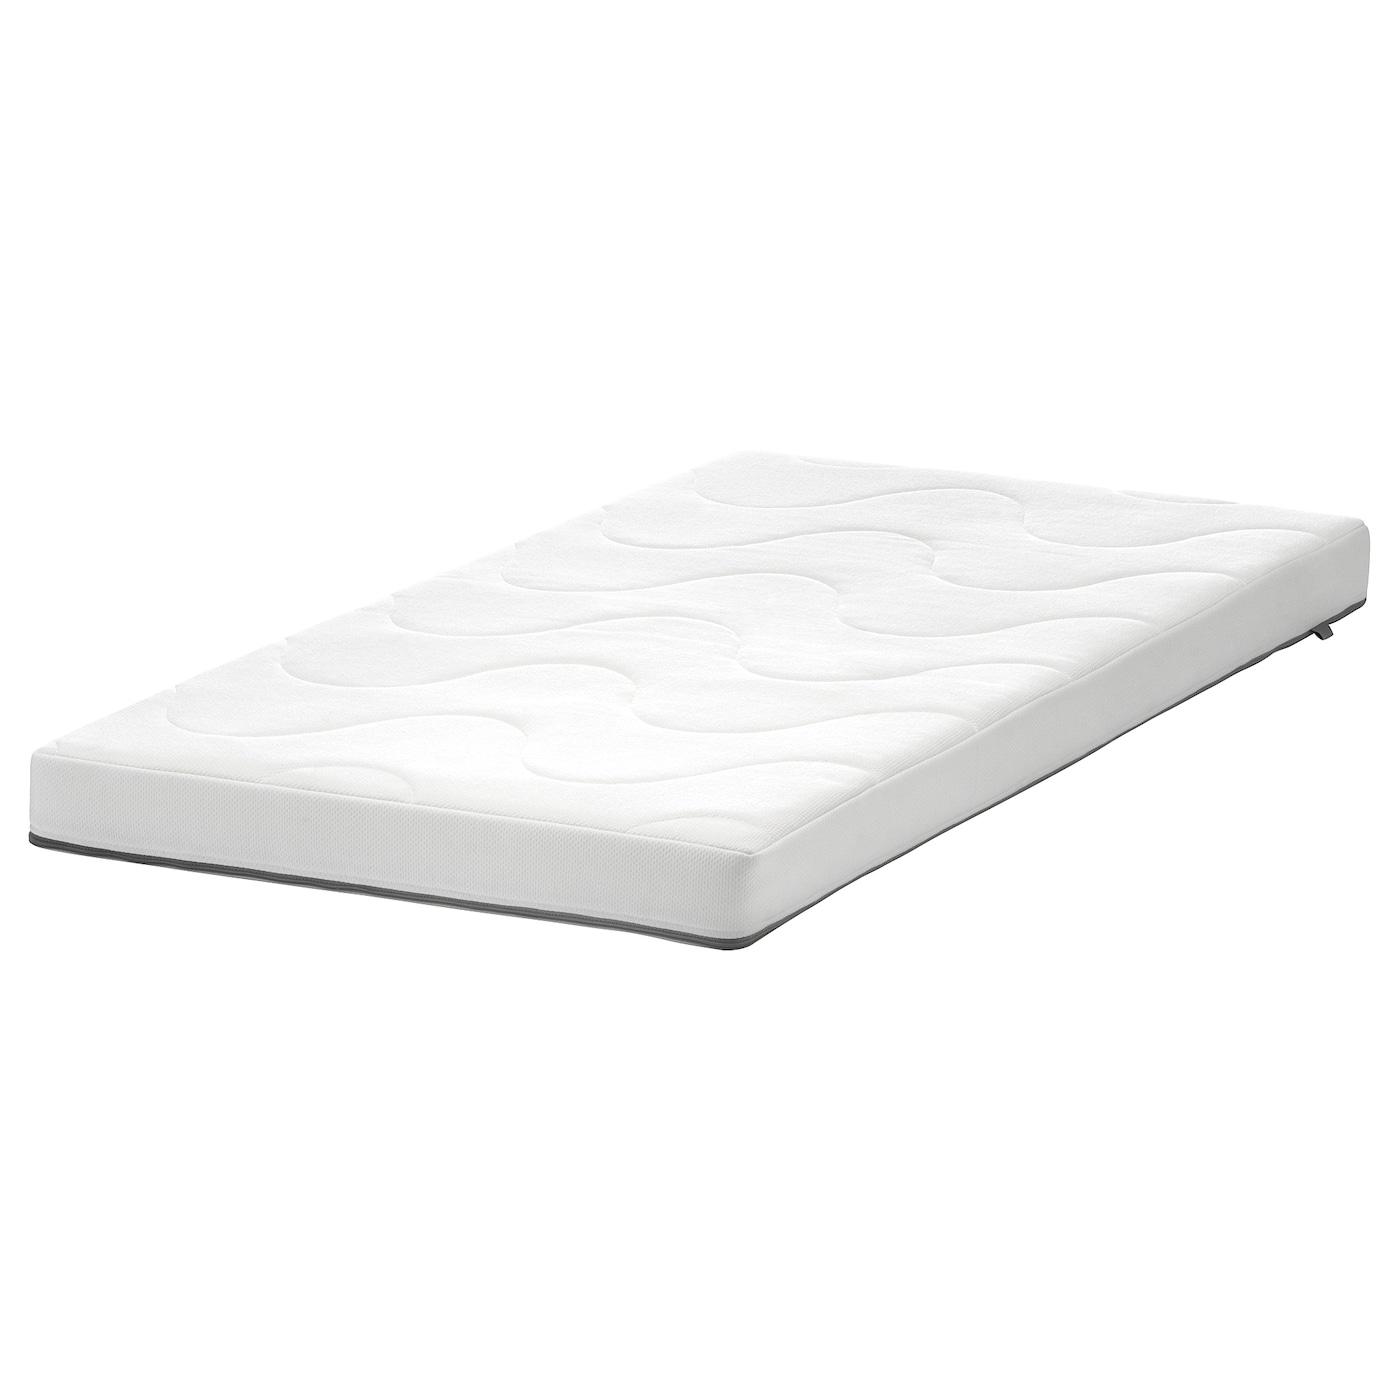 gulliver babybedje wit 60 x 120 cm ikea. Black Bedroom Furniture Sets. Home Design Ideas